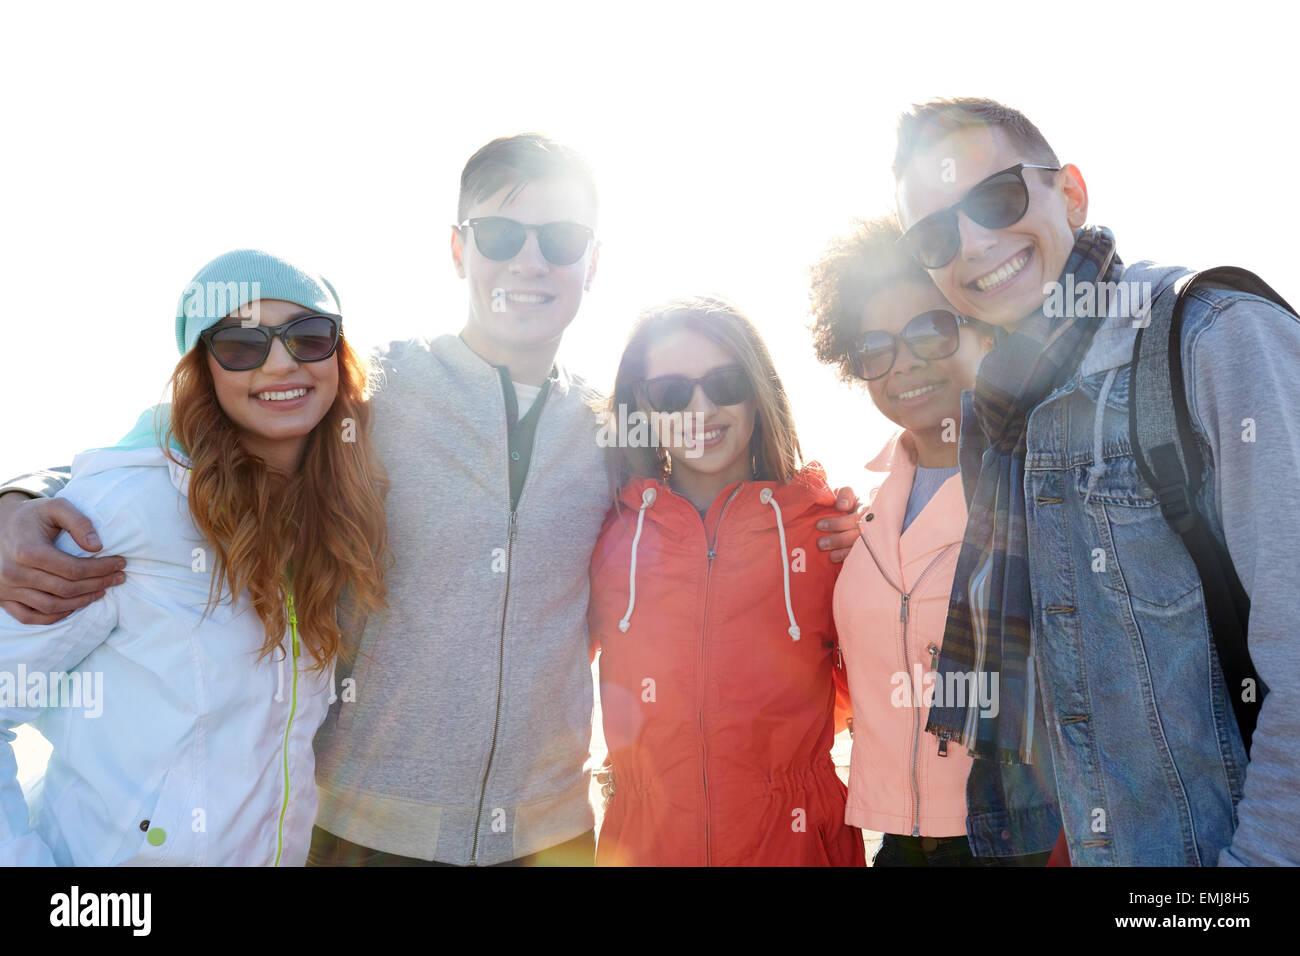 Happy amici adolescenti in tonalità avvolgente su strada Immagini Stock